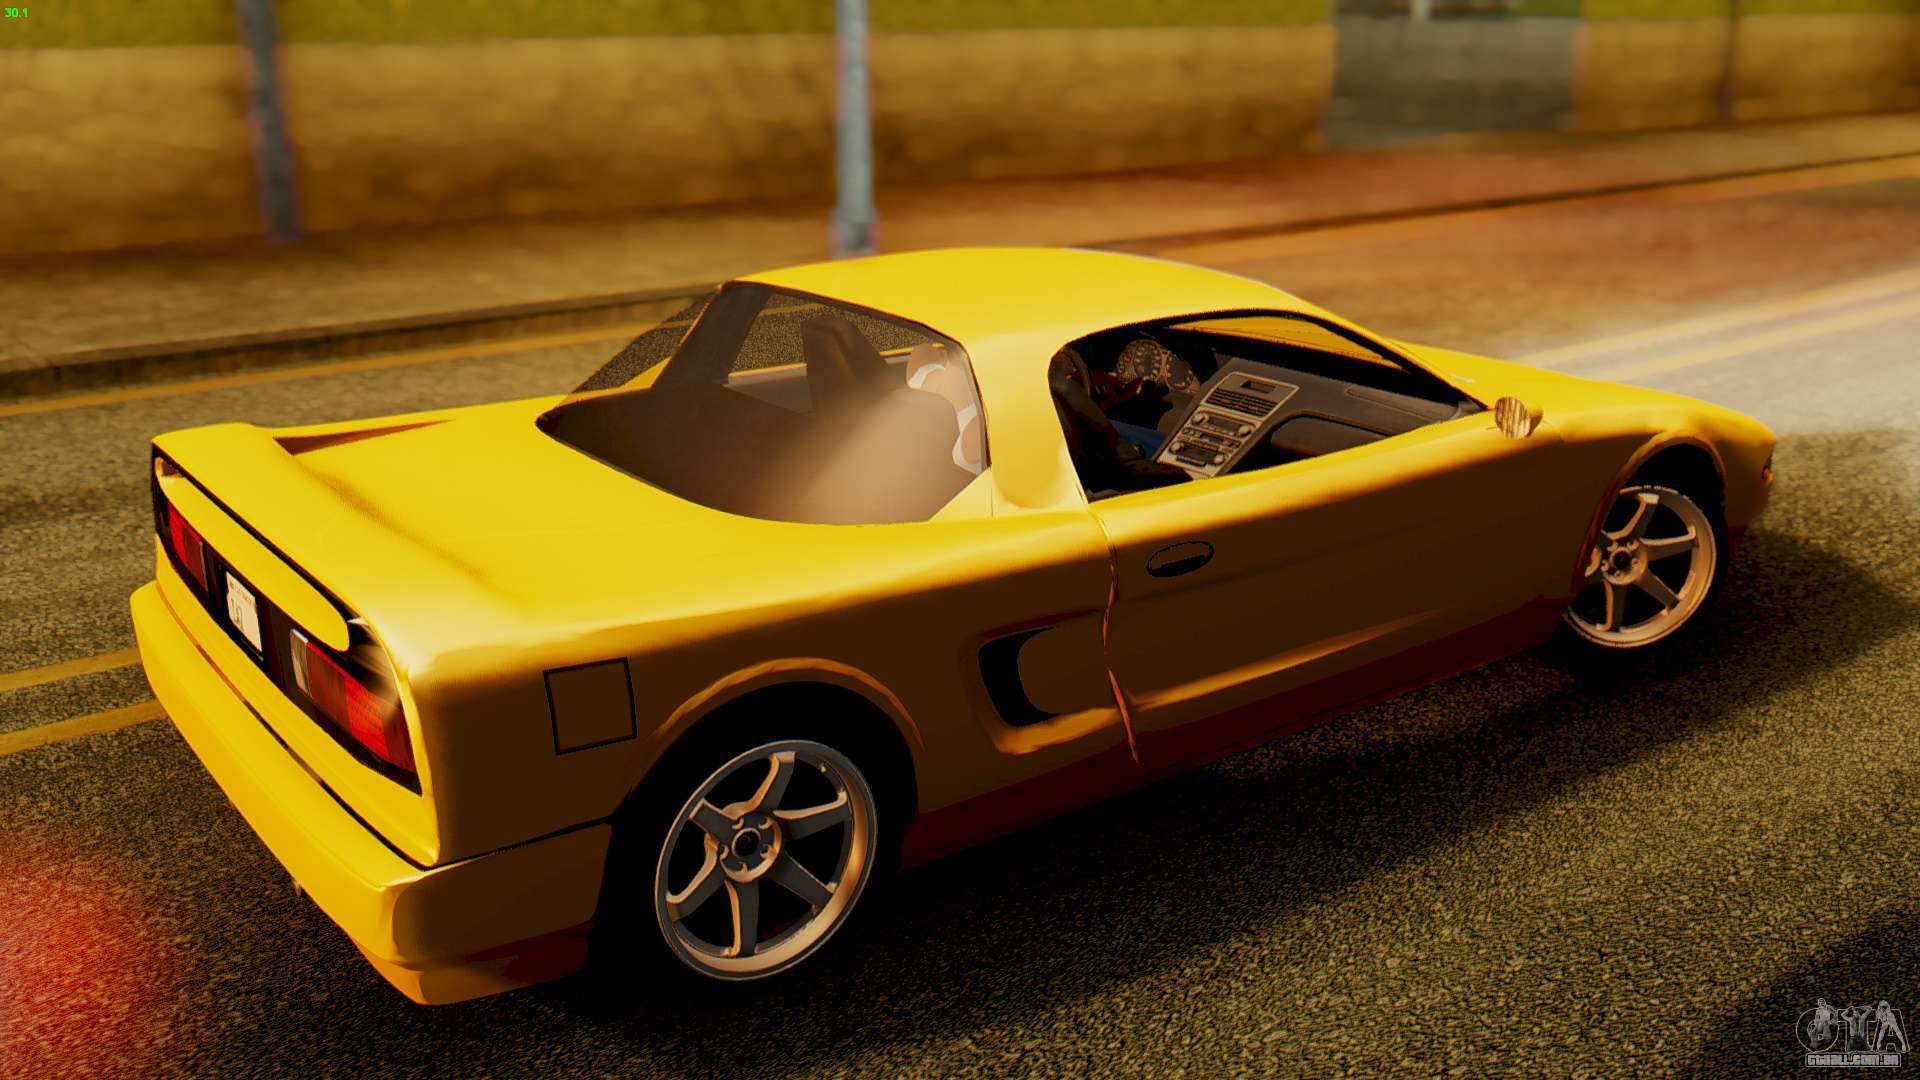 GTA SA - Carros originais em HD + Carros parecidos com os originais 284635-gta-sa-2015-08-07-14-03-47-339